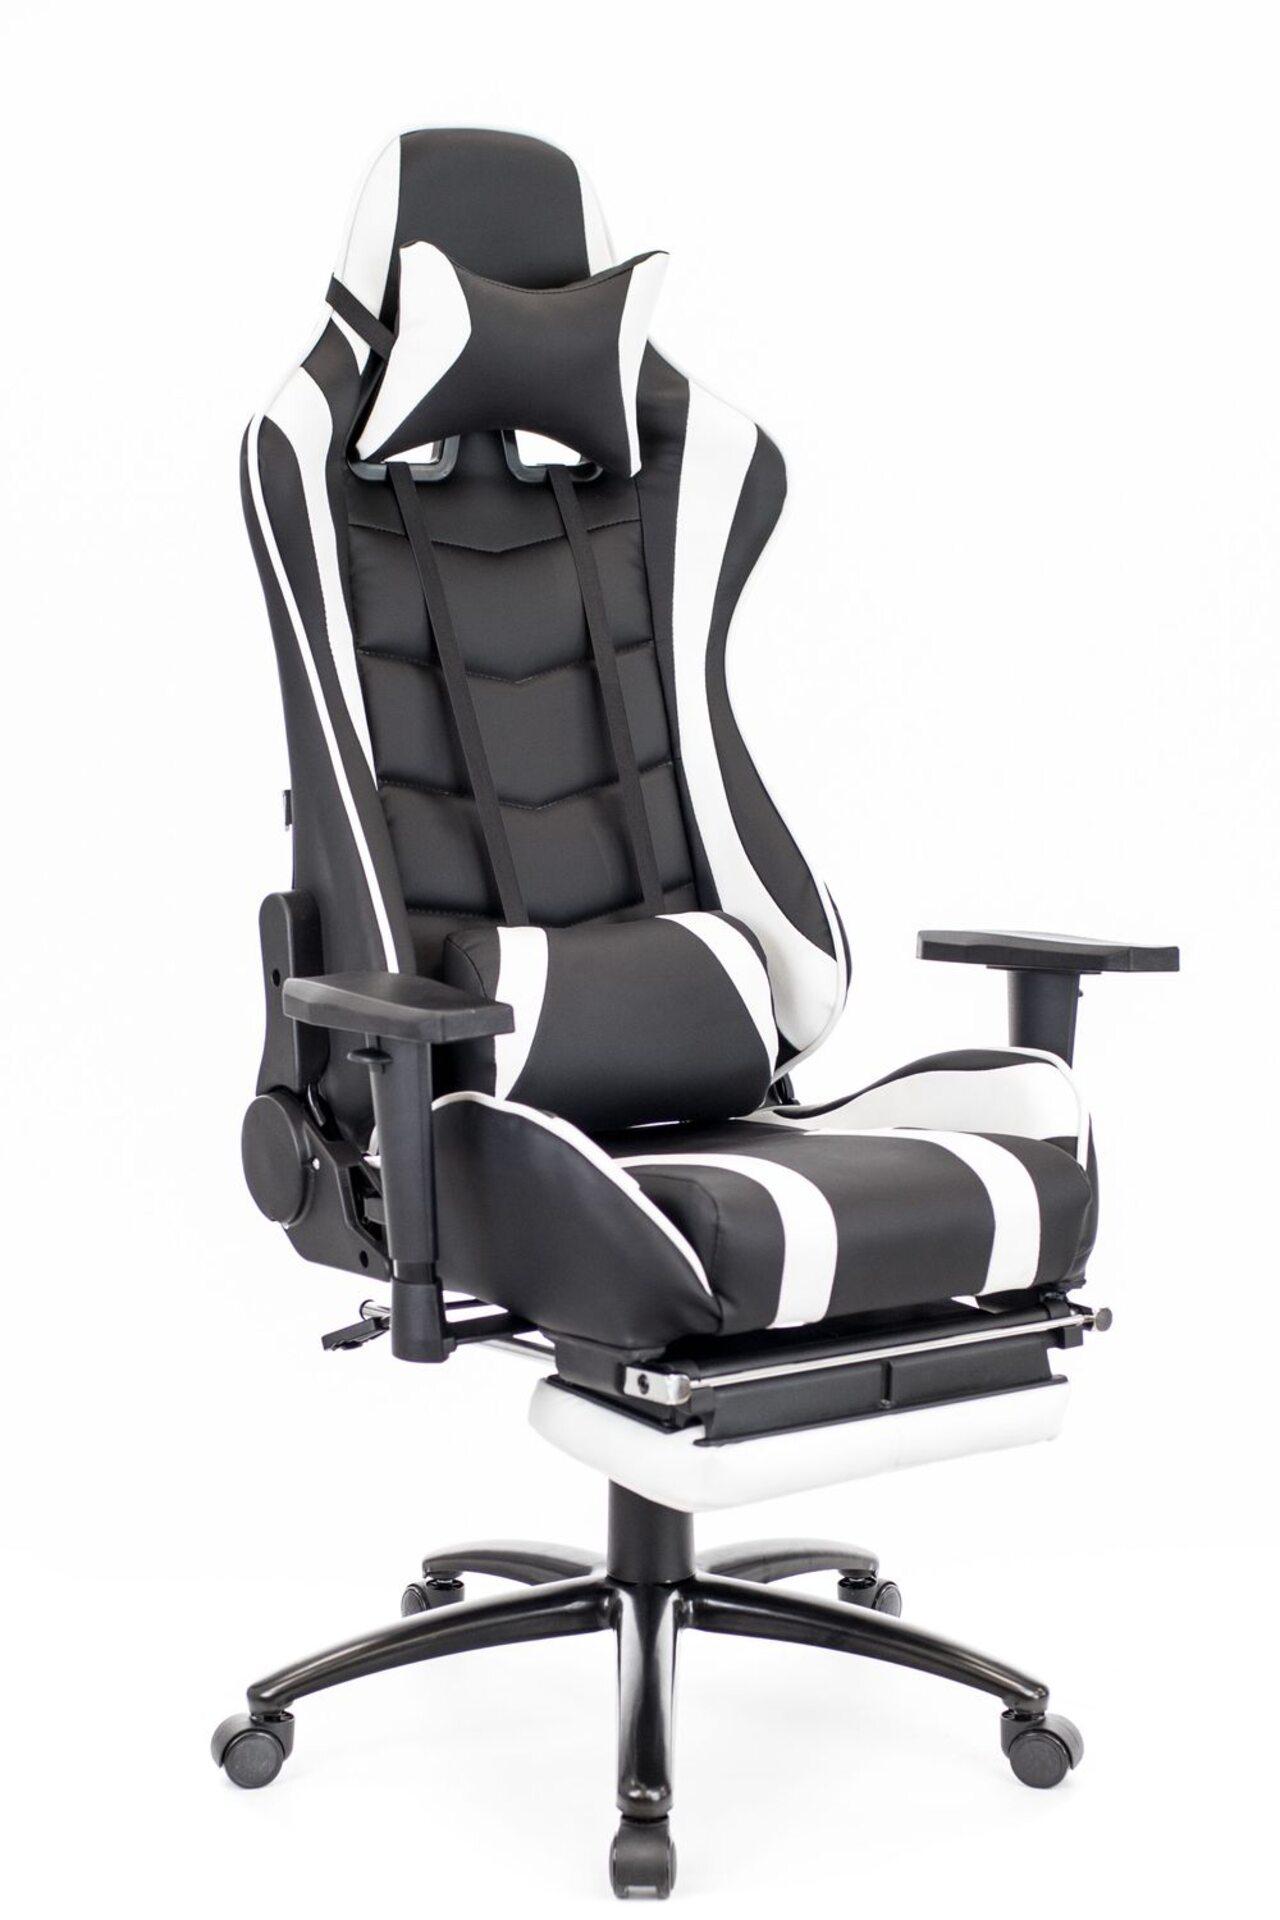 Кресло для геймеров Lotus S1 экокожа - фото 1